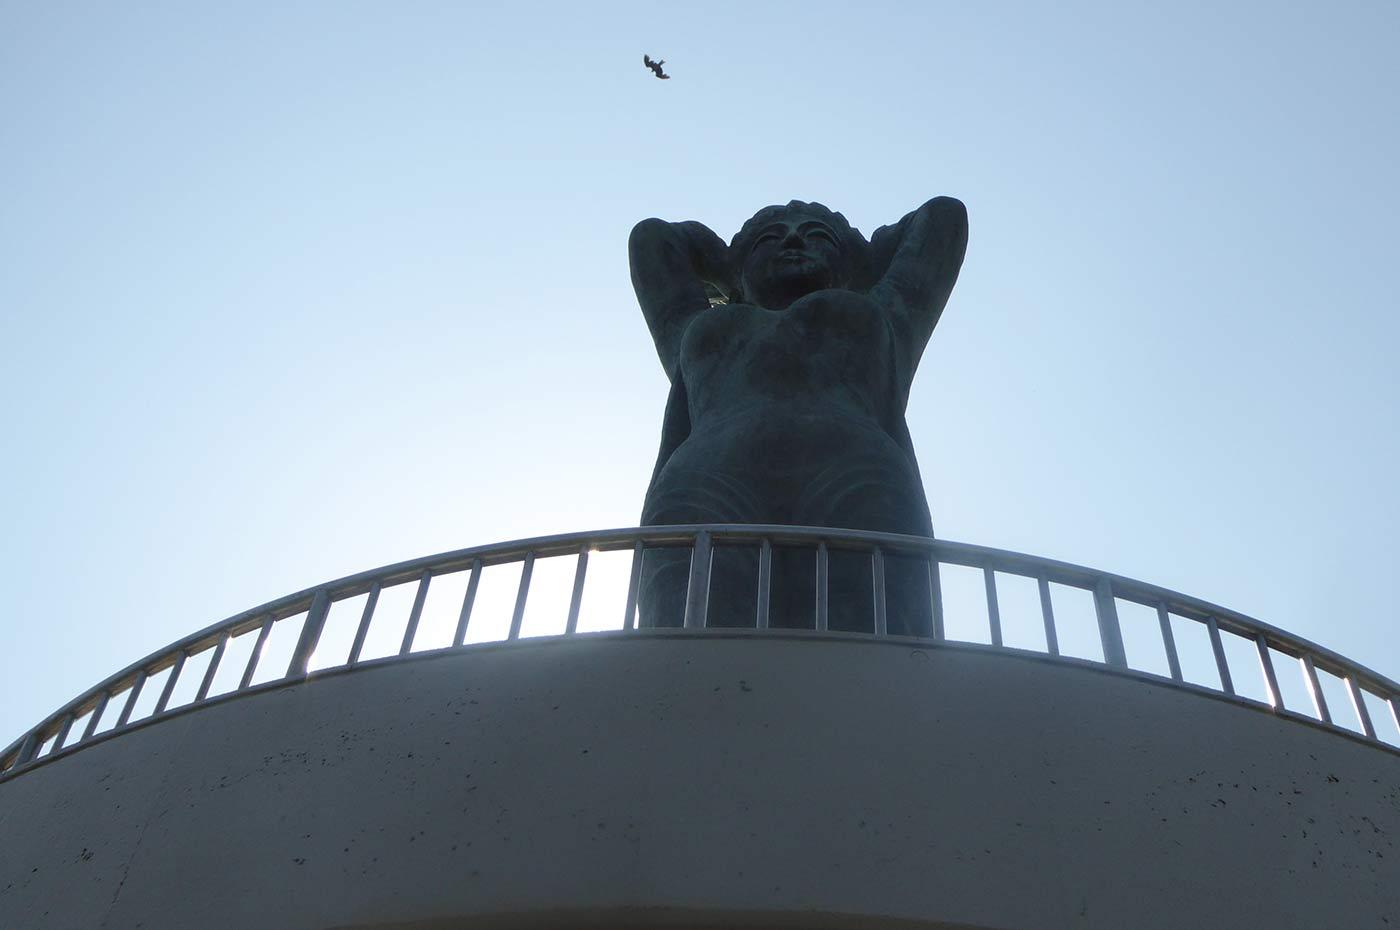 魚見塚展望台の像